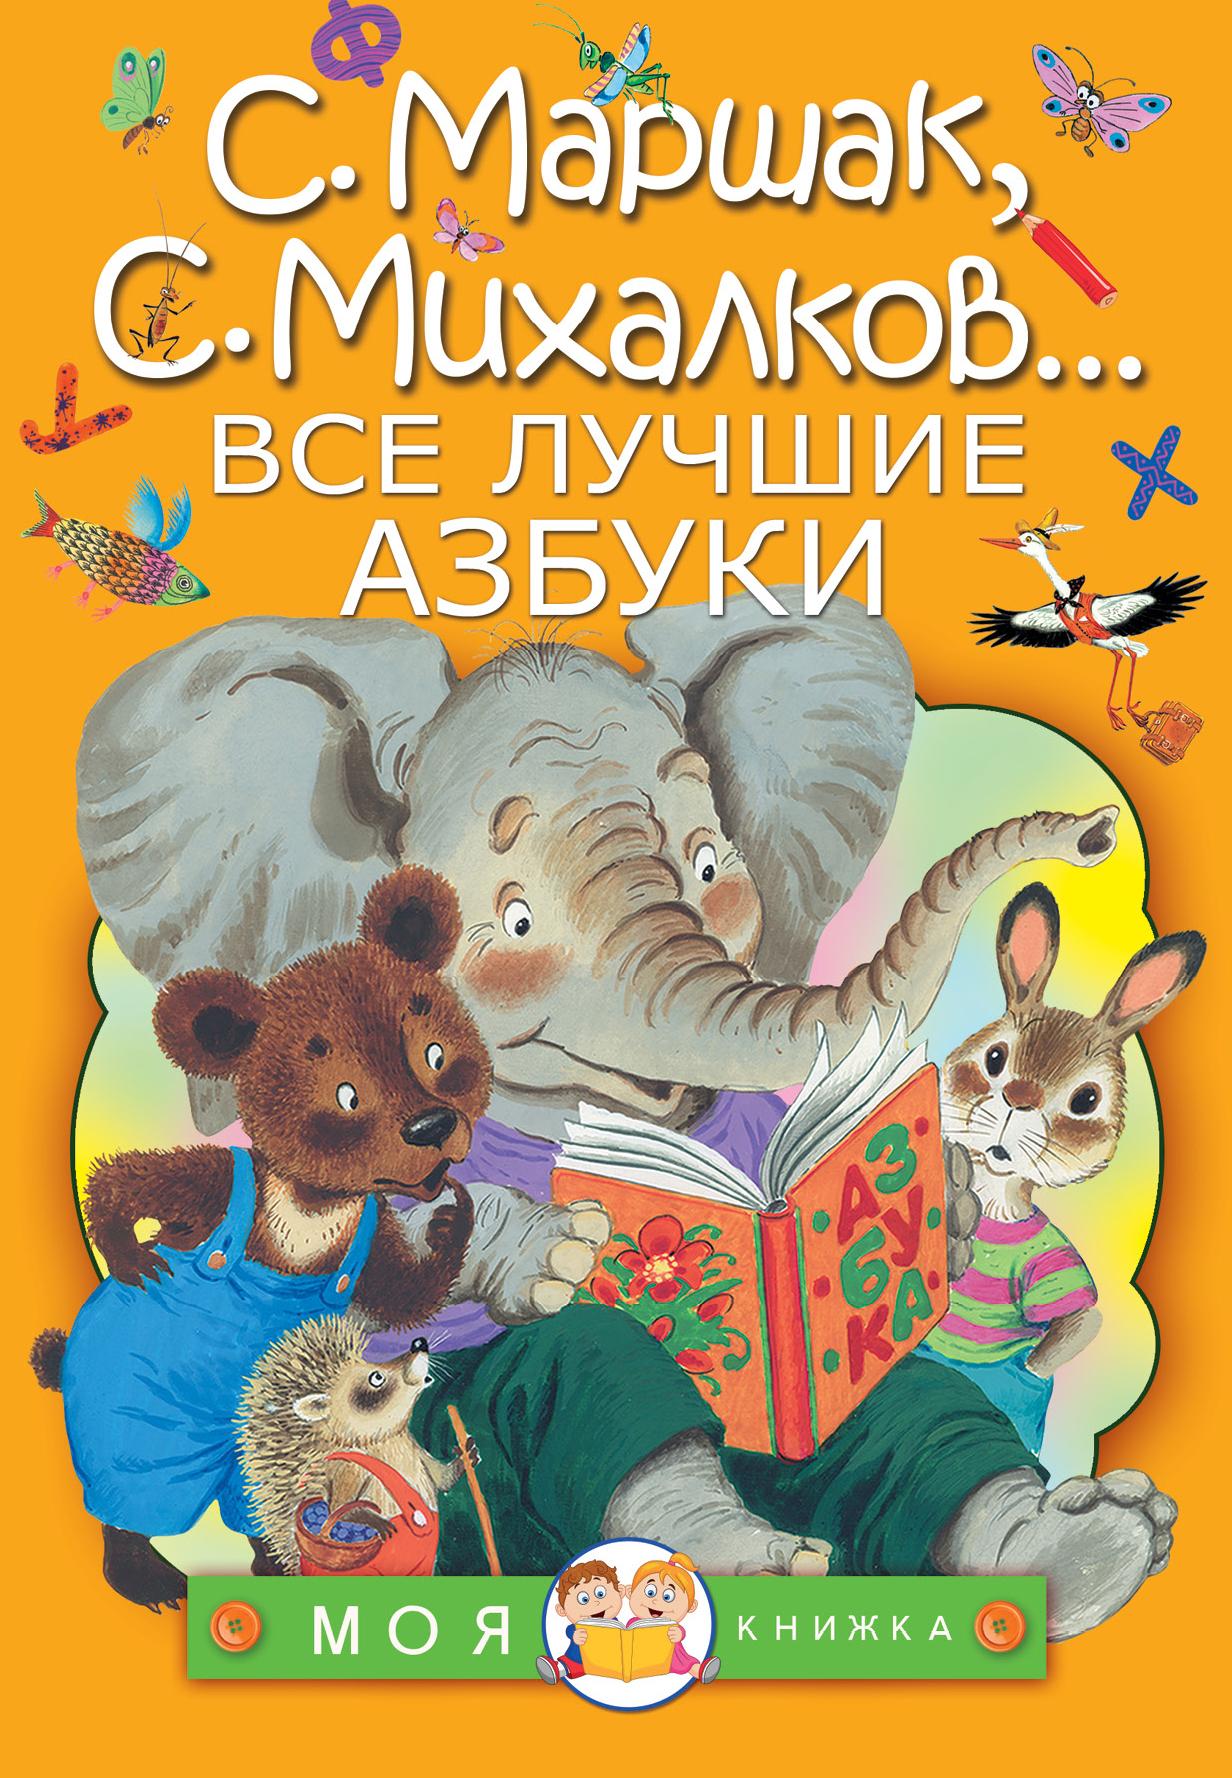 С. Маршак, С. Михалков Все лучшие азбуки